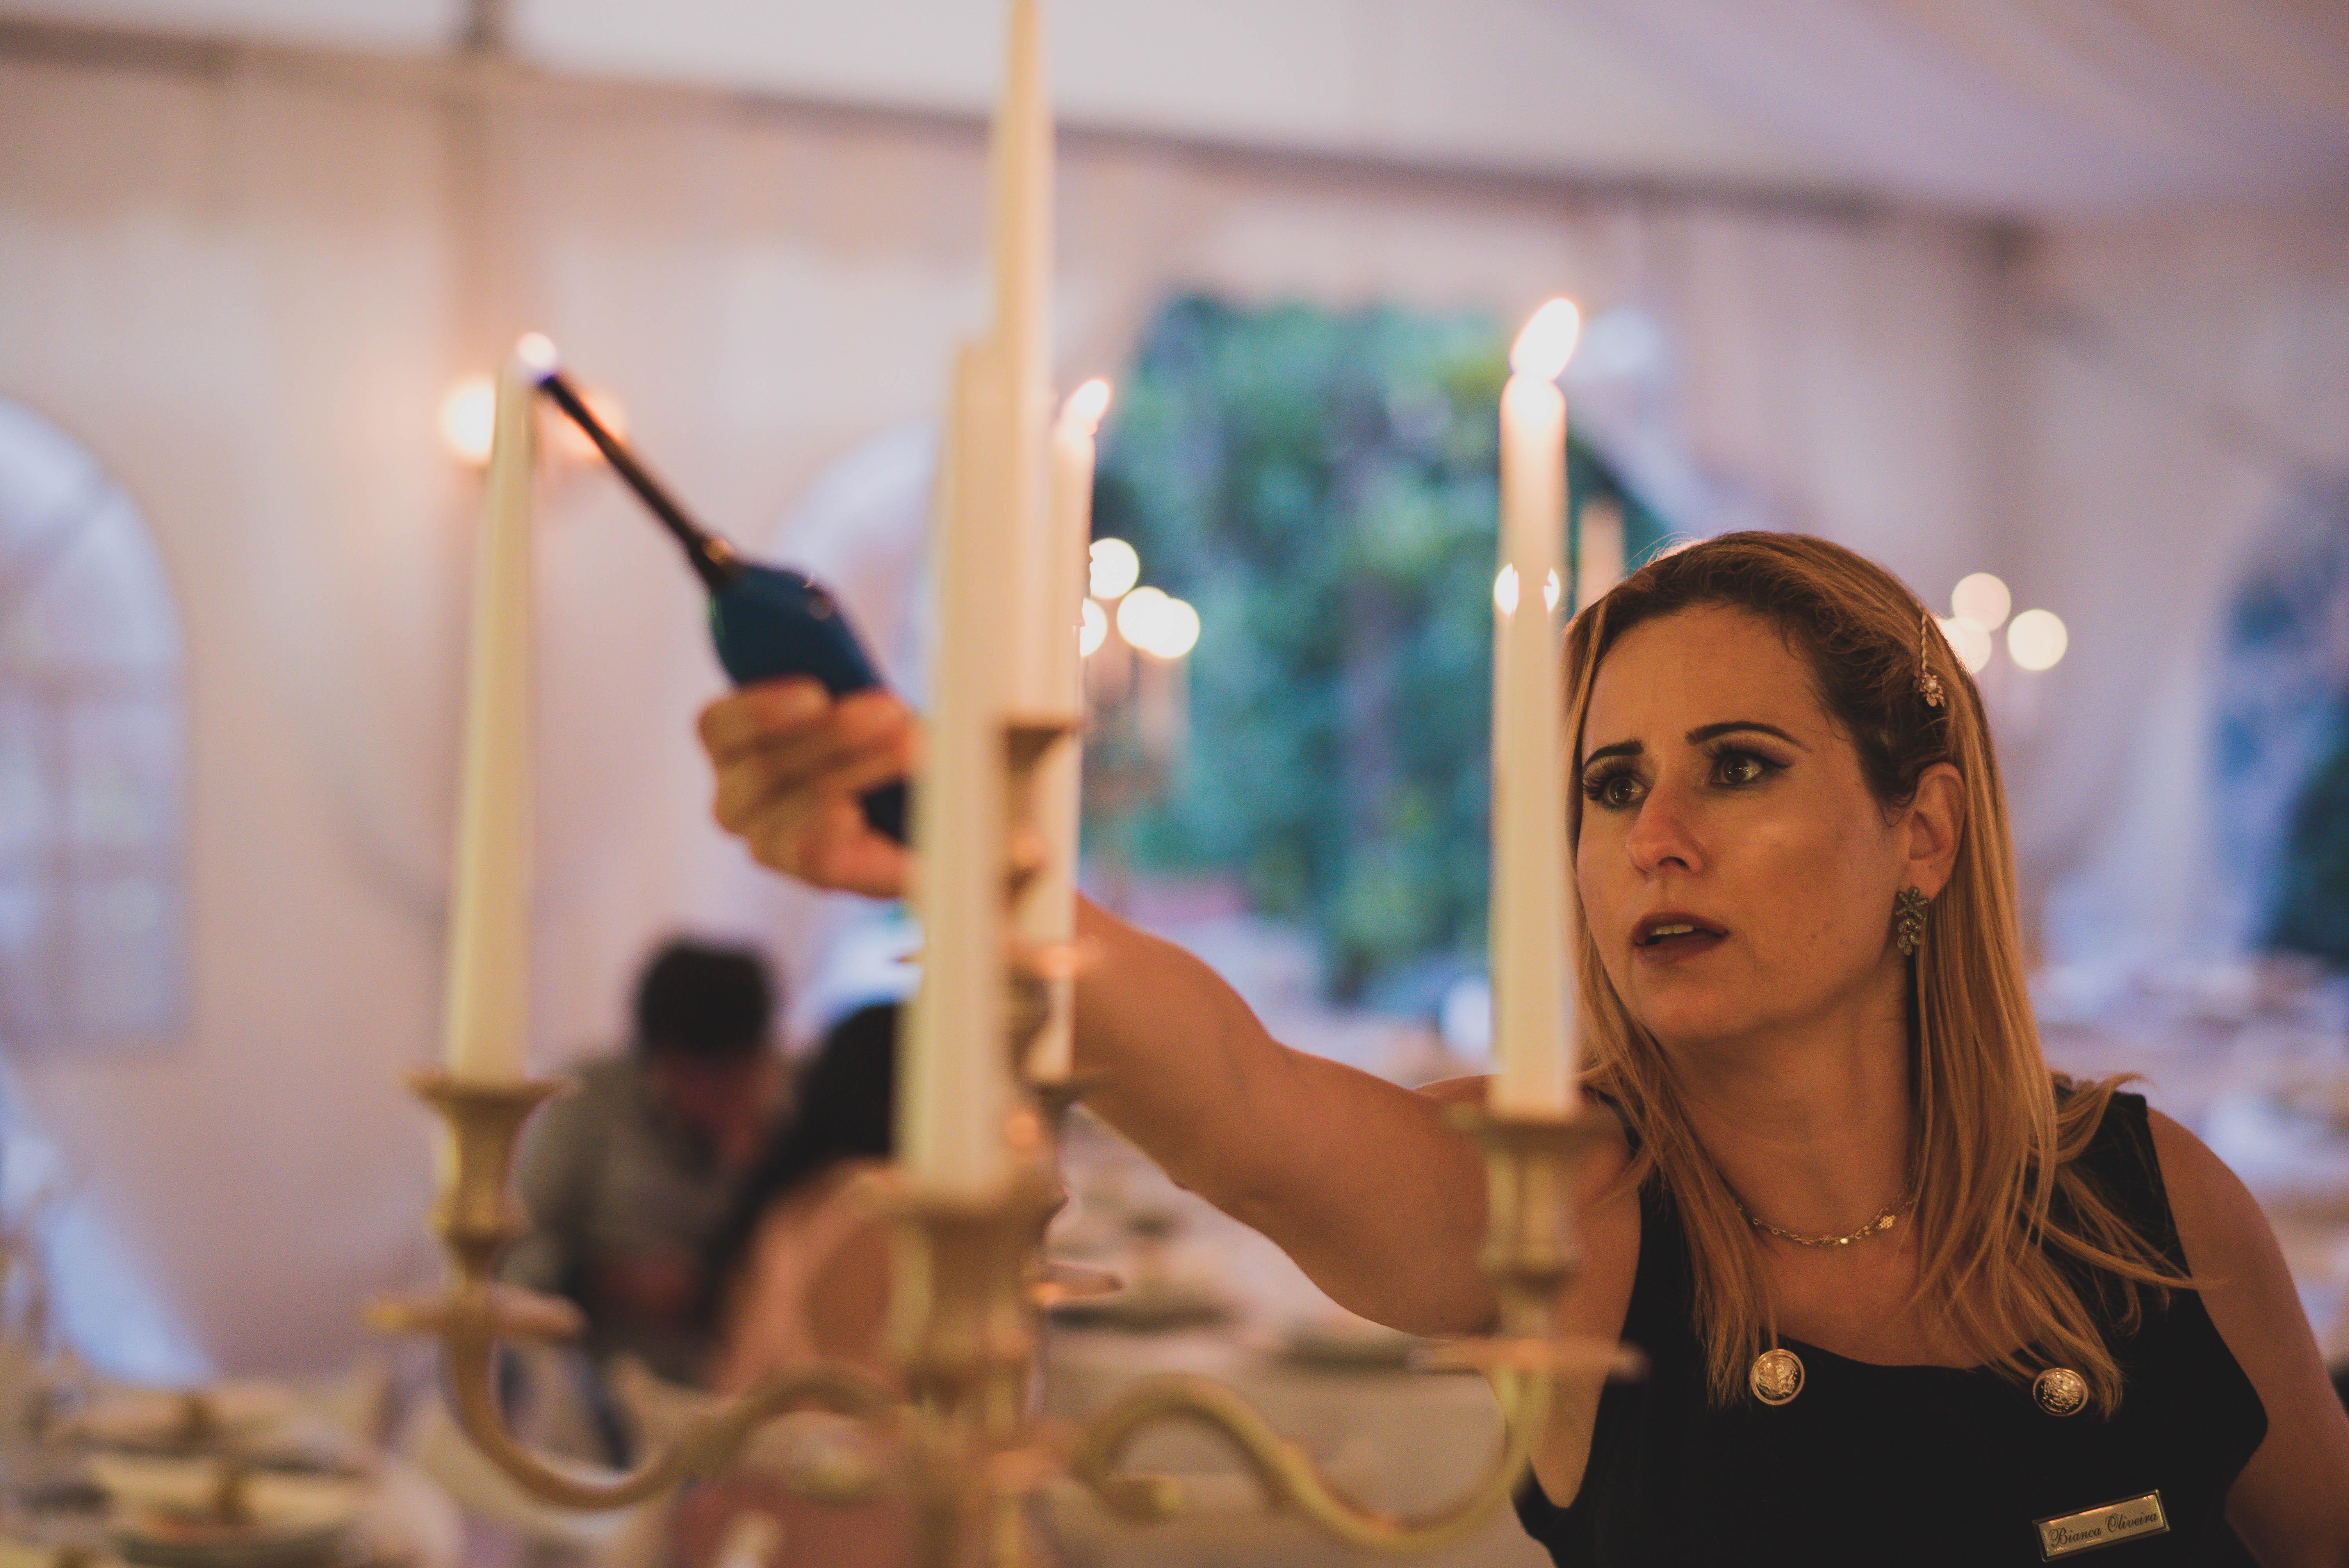 4711 2 - Entrevista com a wedding planner Bianca Oliveira